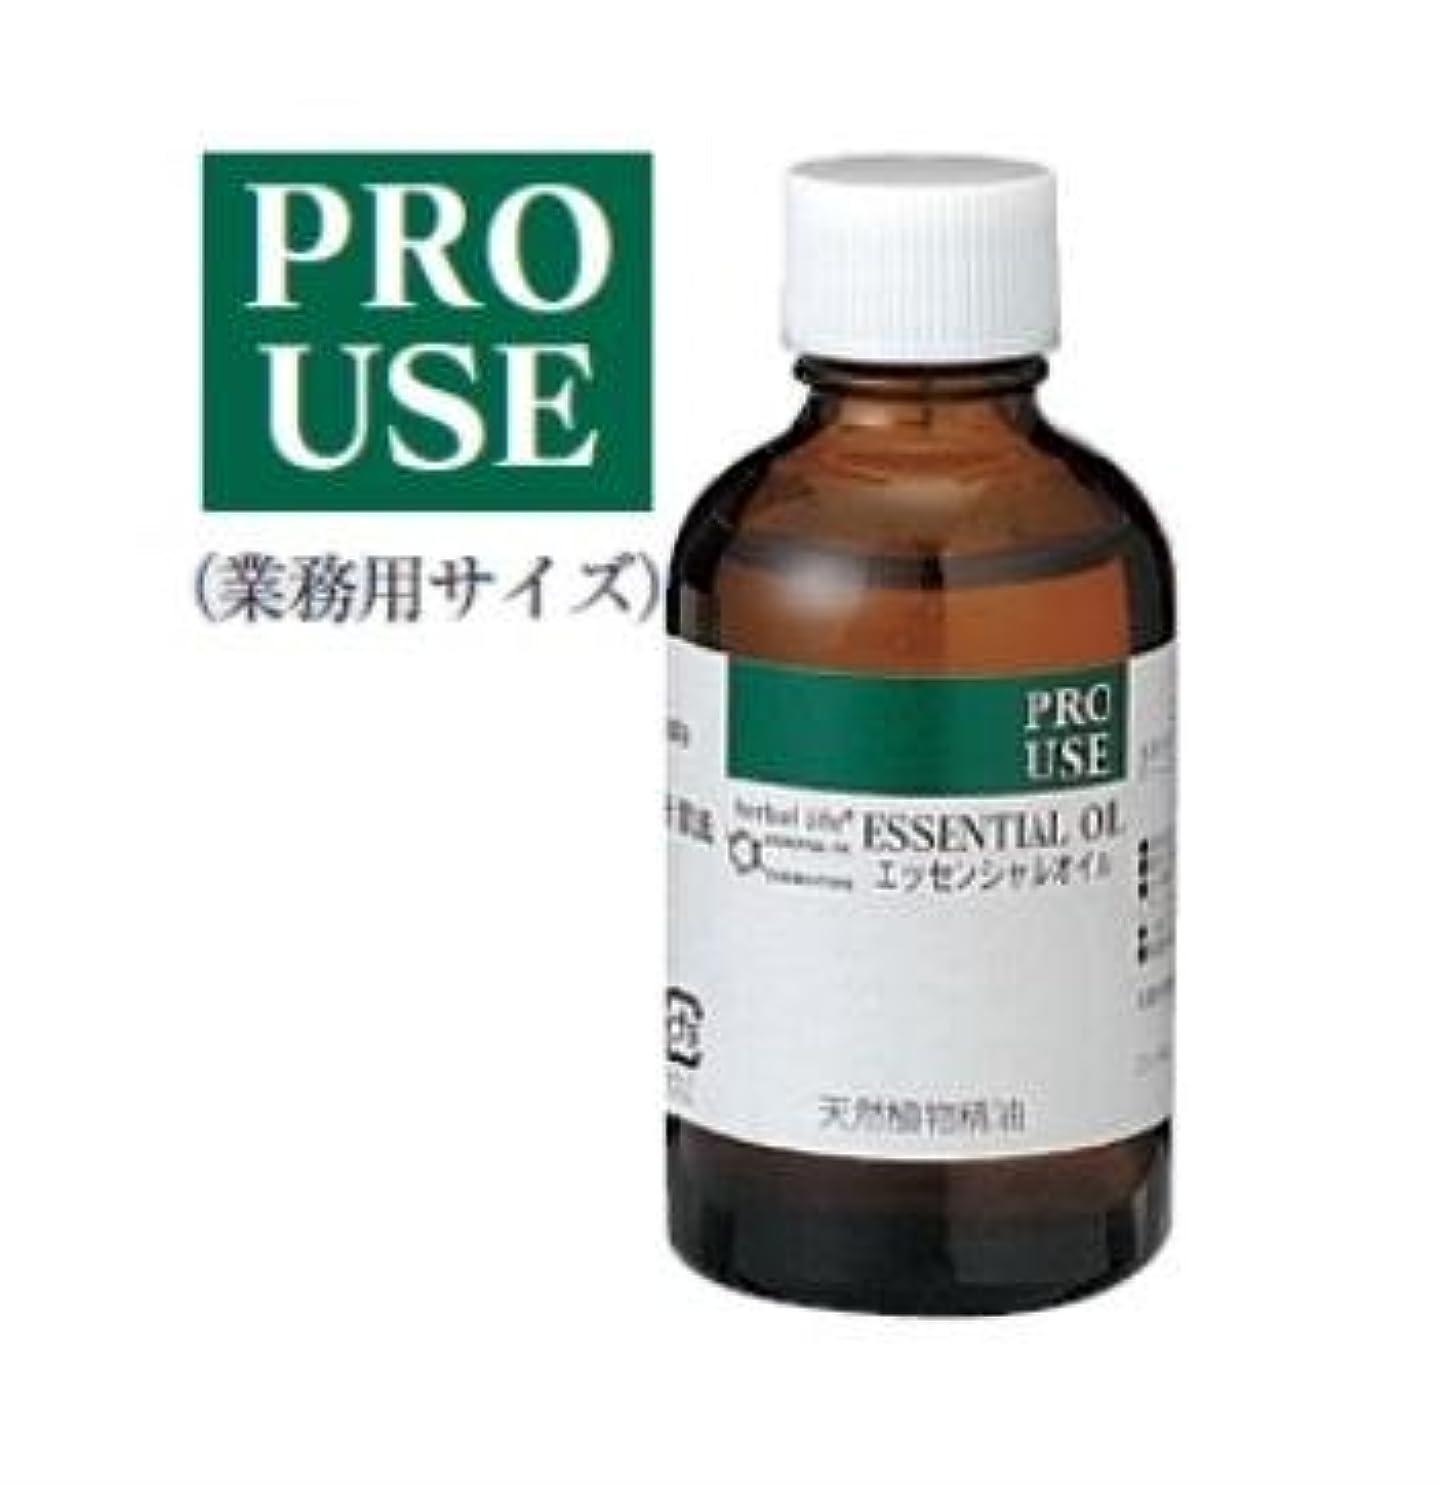 黒圧縮付ける生活の木 エッセンシャルオイル フランキンセンス (オリバナム/乳香) 精油 50ml アロマオイル アロマ